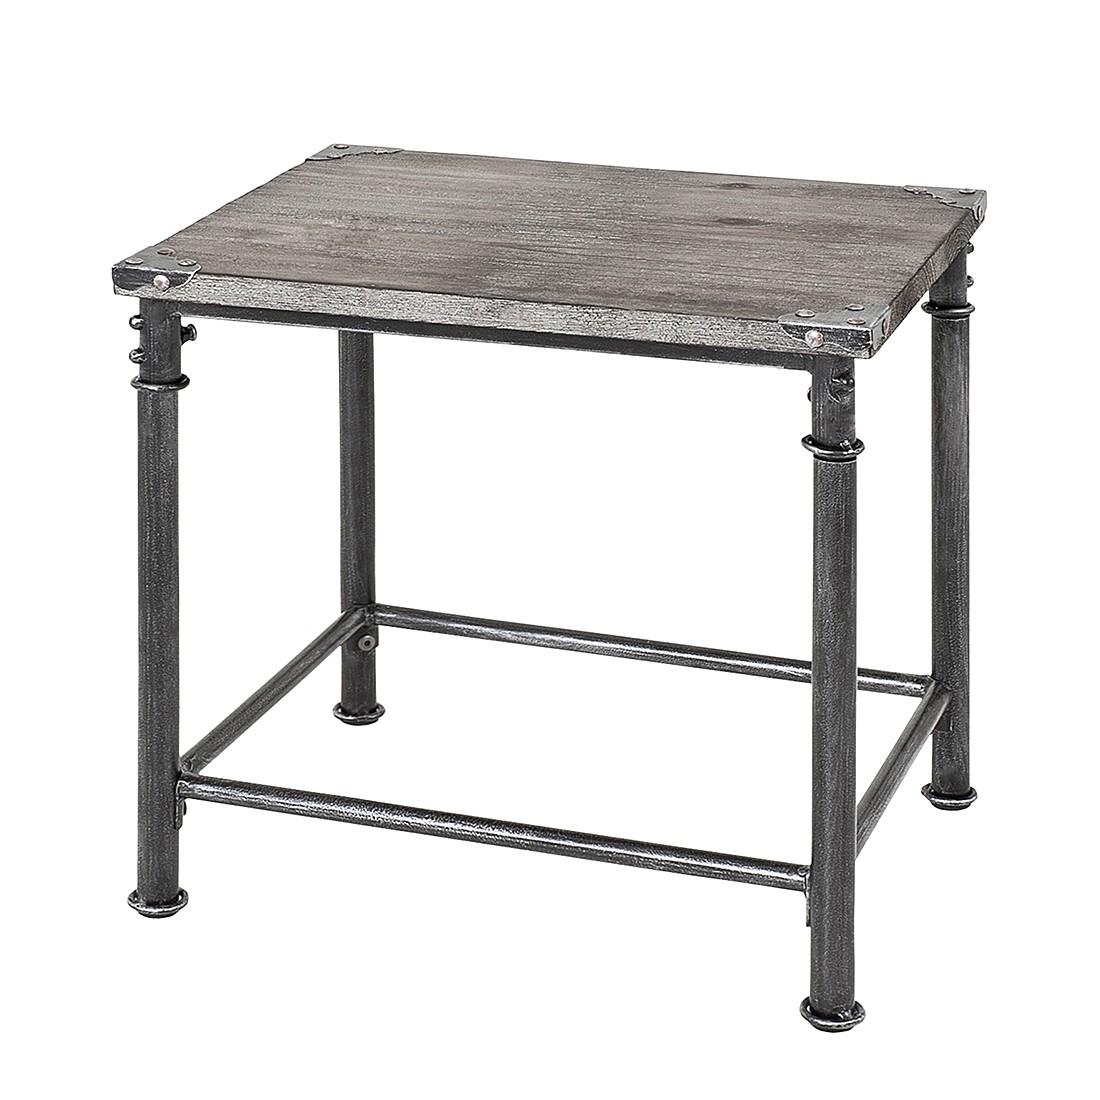 Table d'appoint Doubs I - Acier / Bois massif - Noir ancien / Gris cérusé, ars manufacti